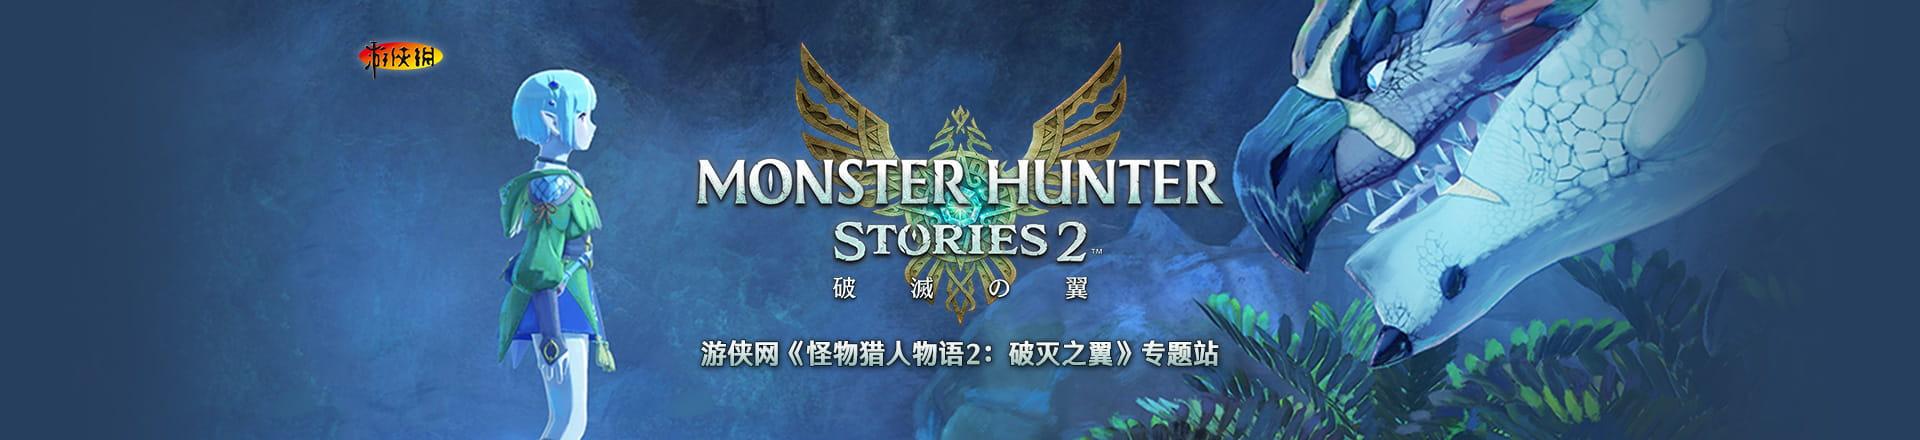 怪物猎人物语2:破灭之翼